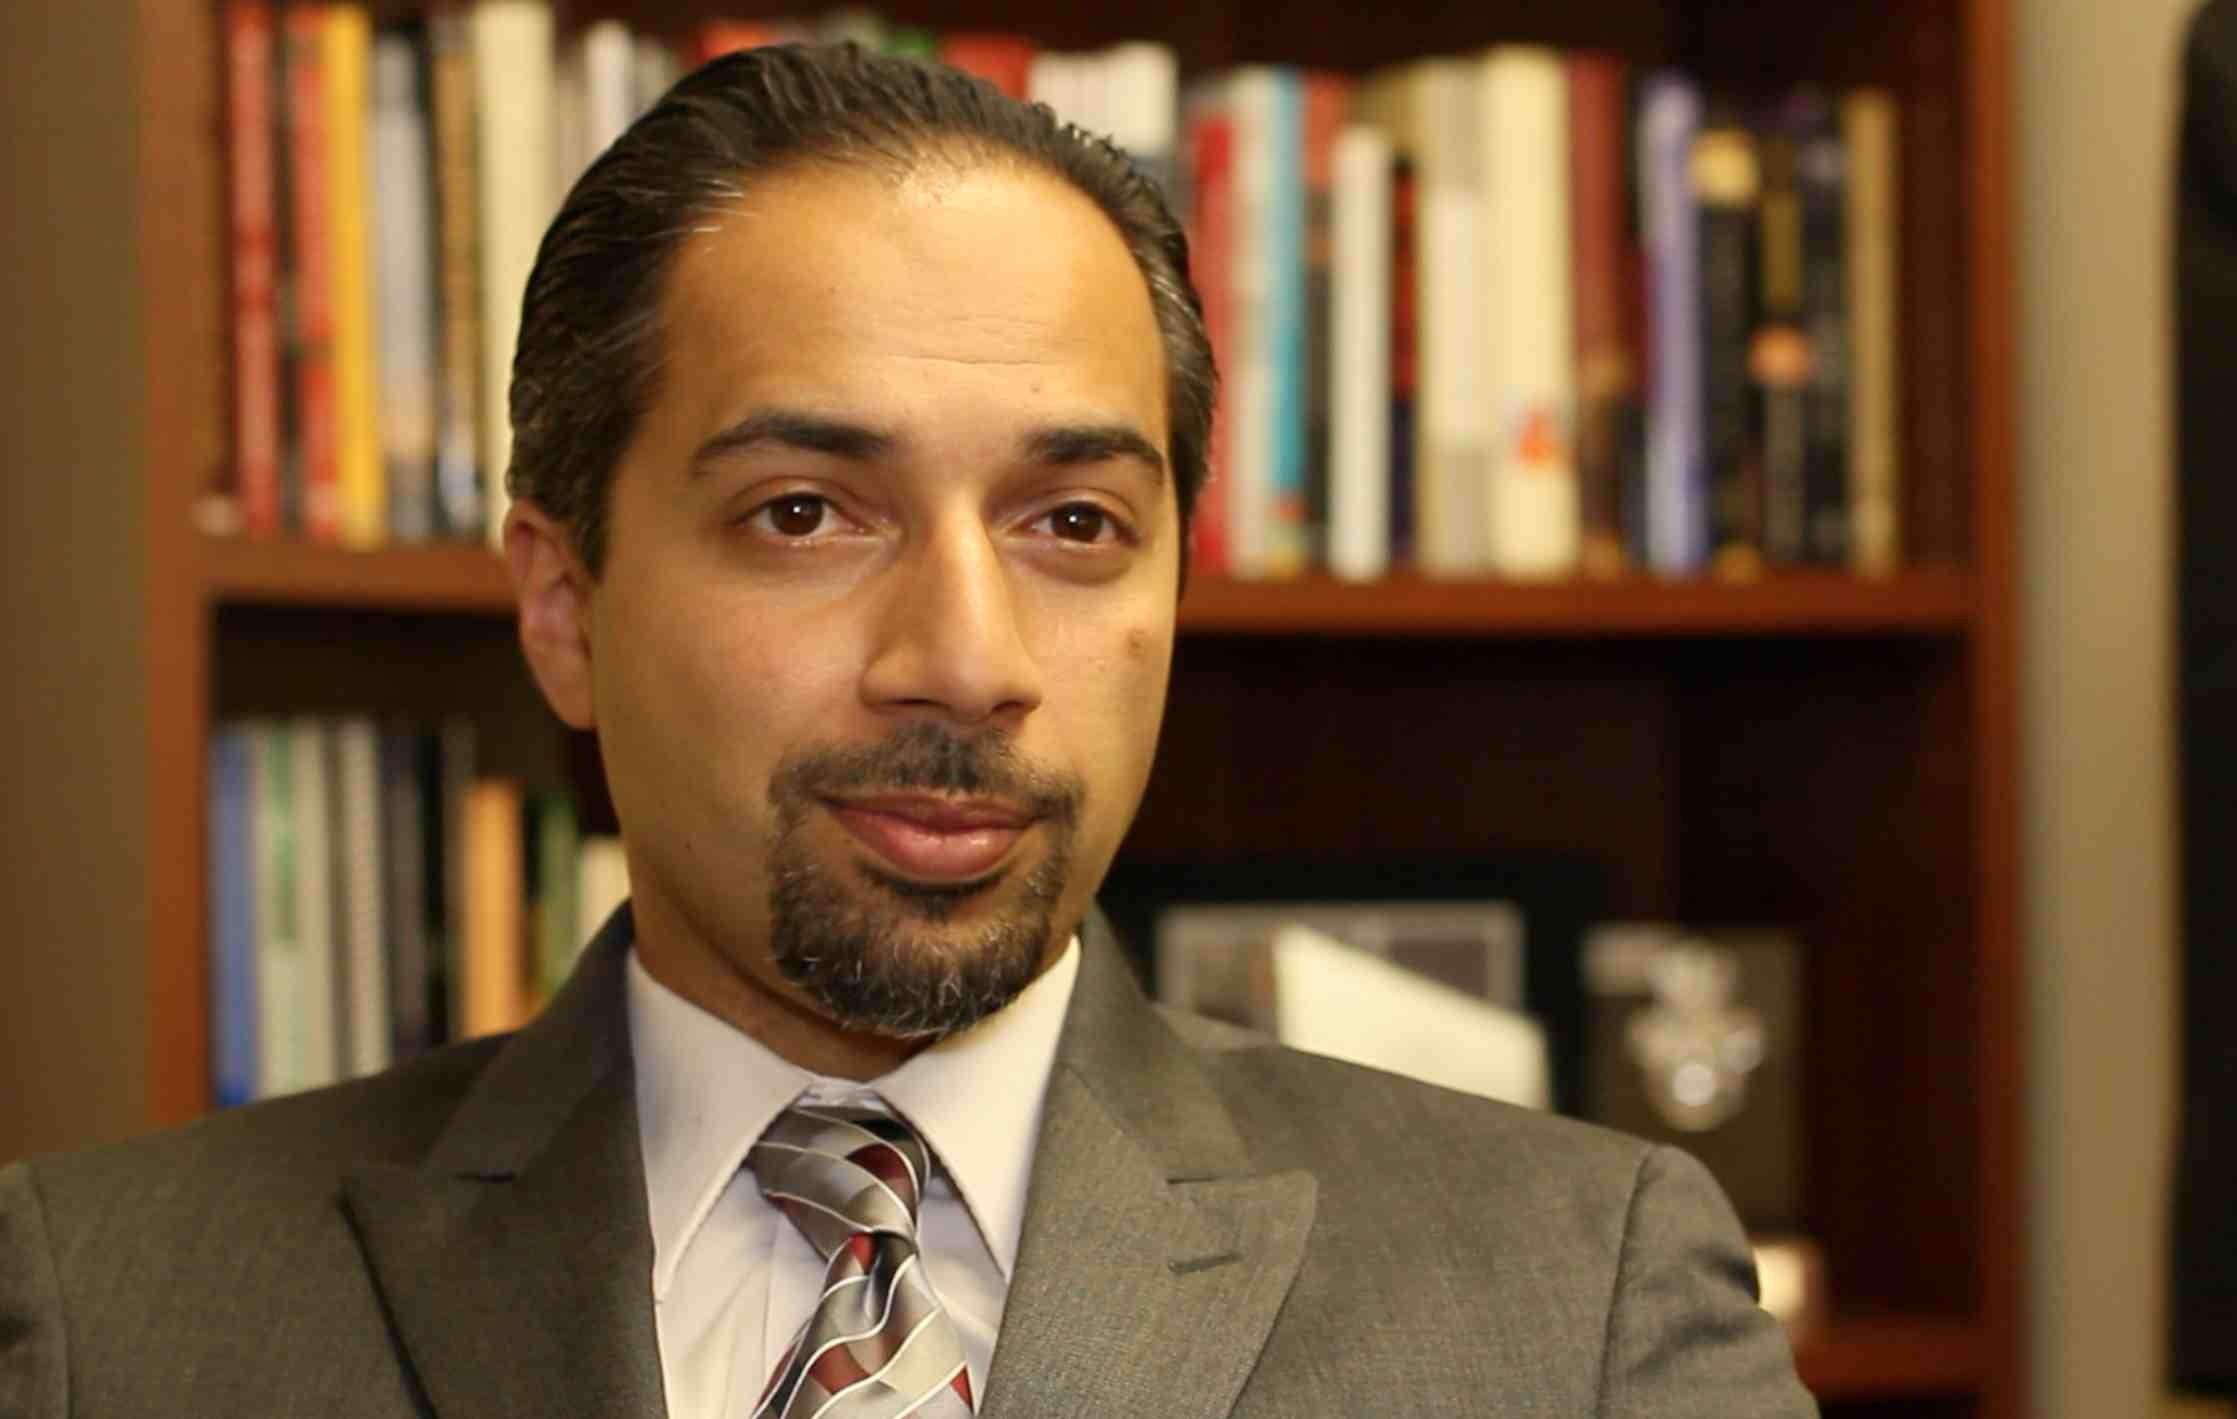 ABŞ-ın İran siyasəti uğur qazanmayacaq - Parsi